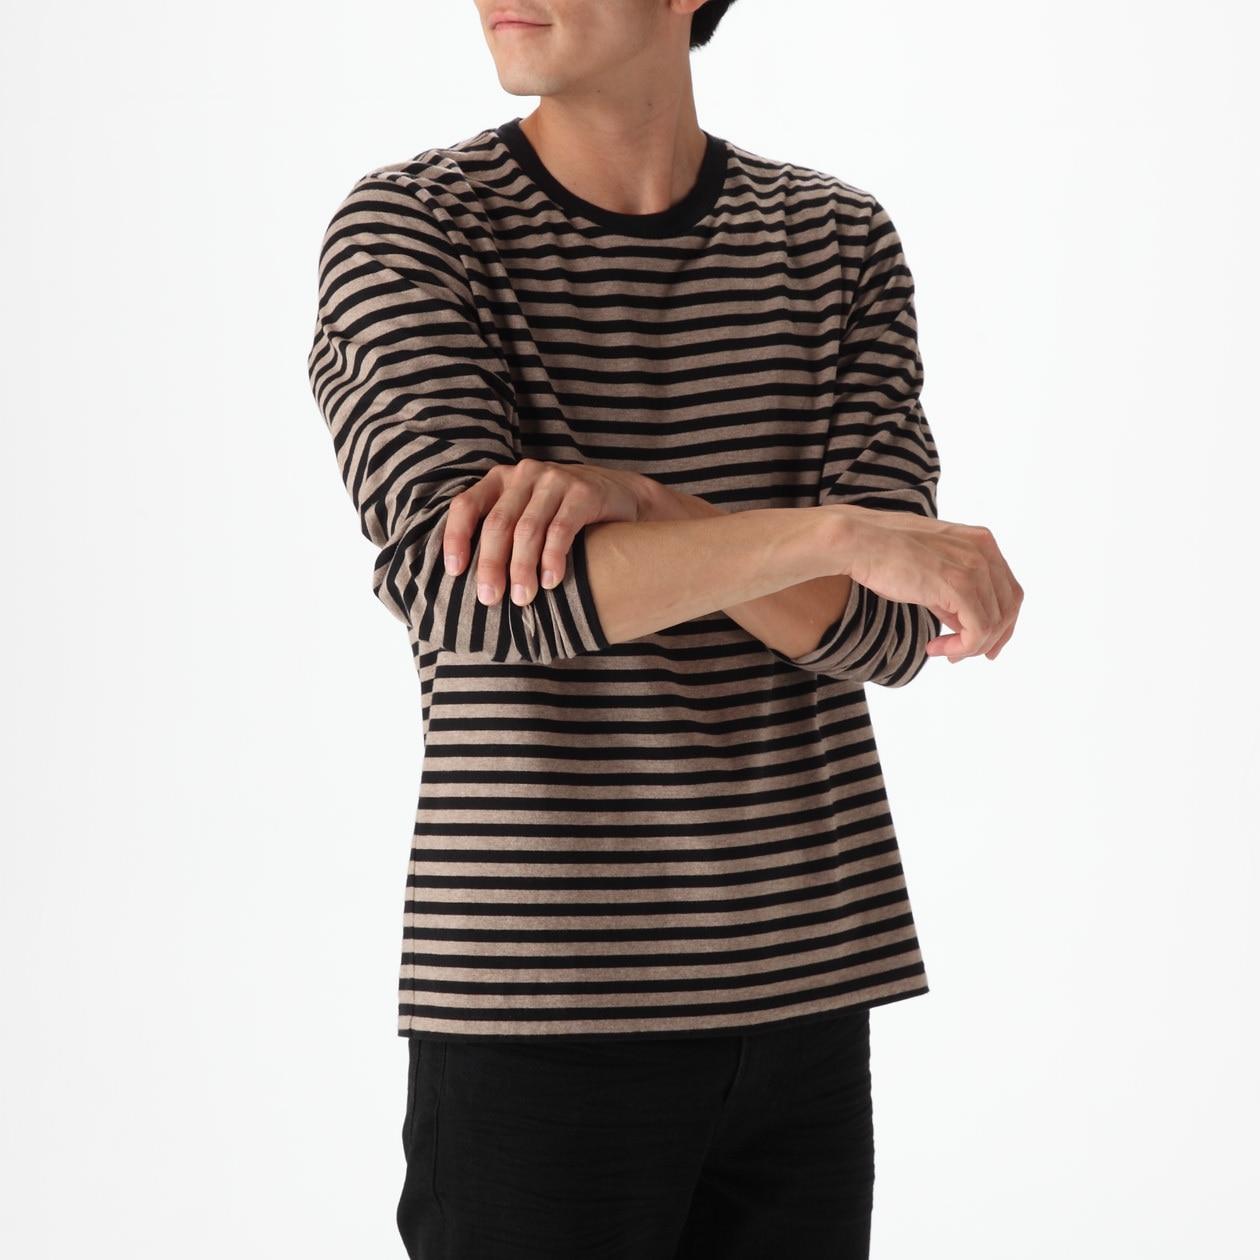 オーガニックコットンボーダークルーネック長袖Tシャツ